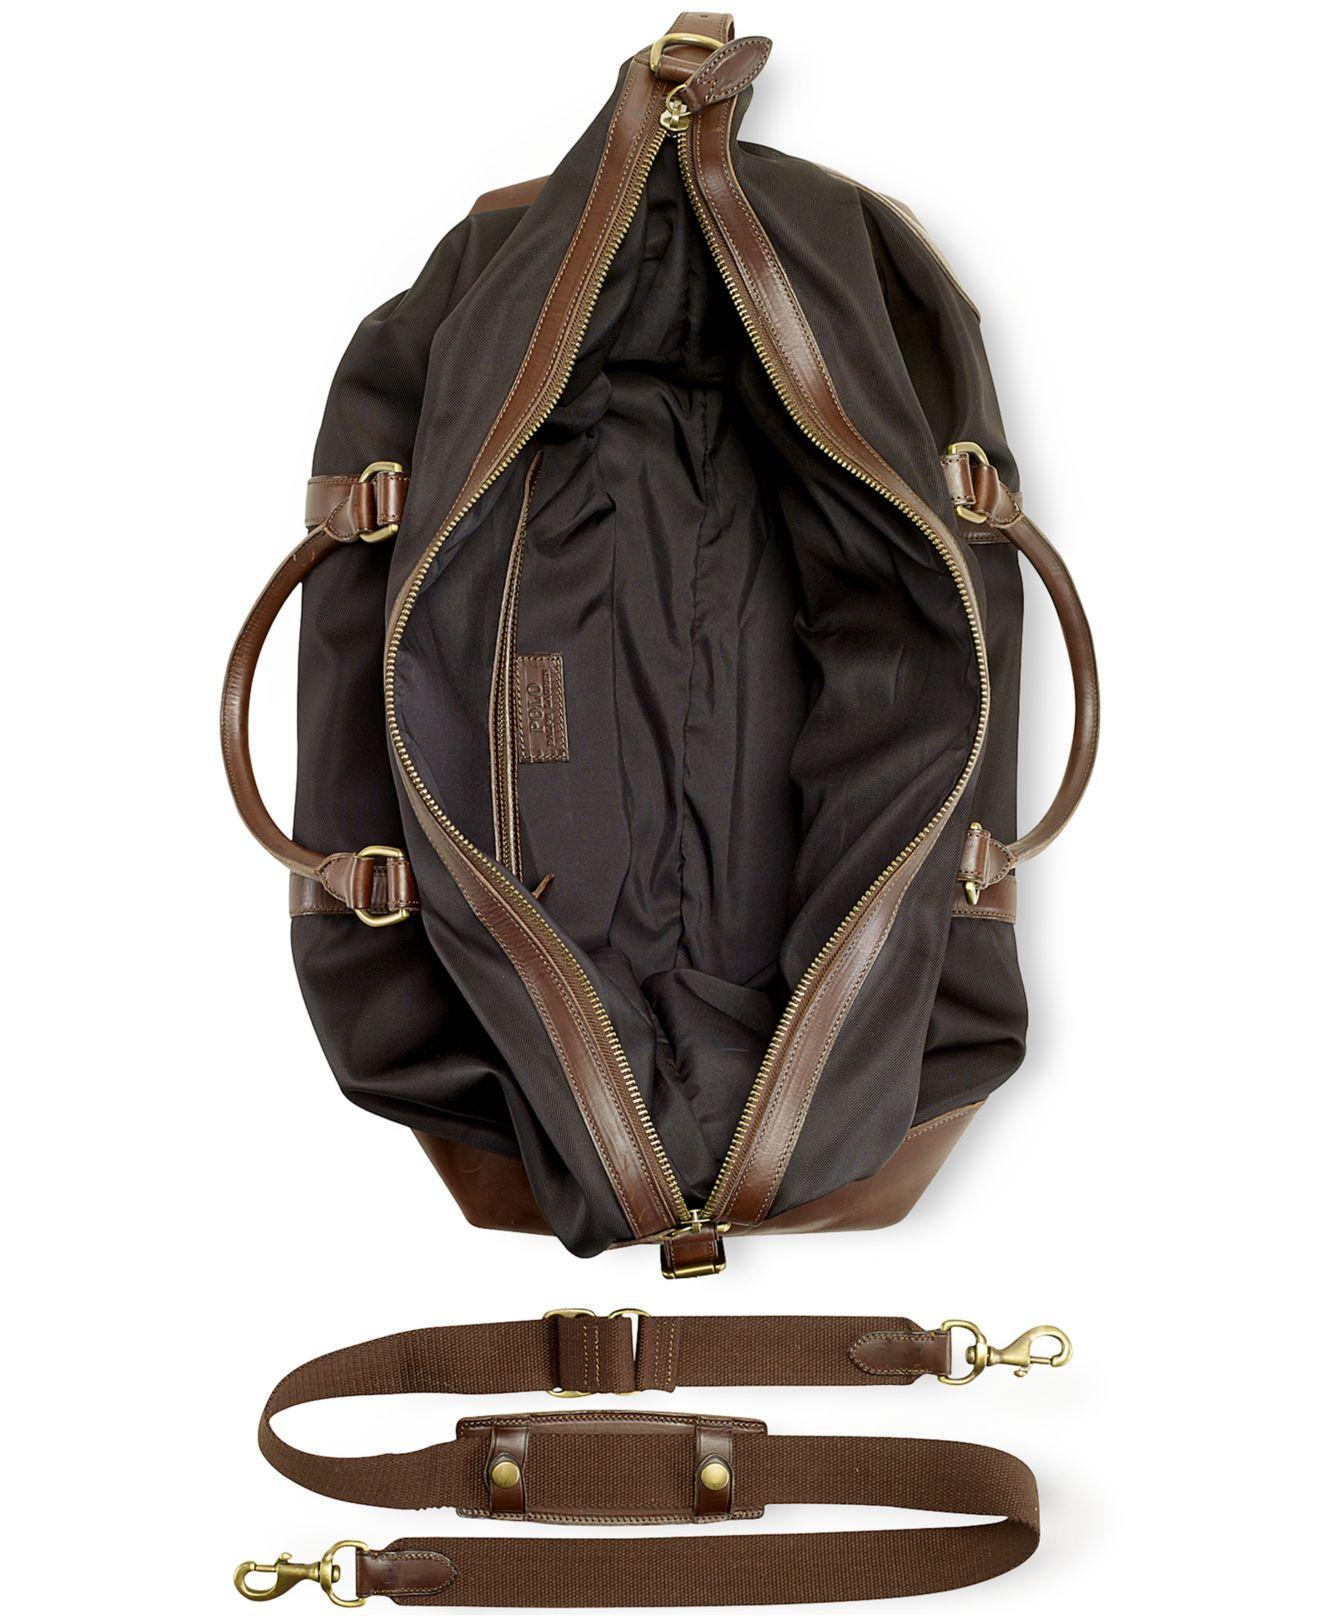 ... spain lyst polo ralph lauren large nylon duffel bag in black for men  7b621 0ae11 1922580b96